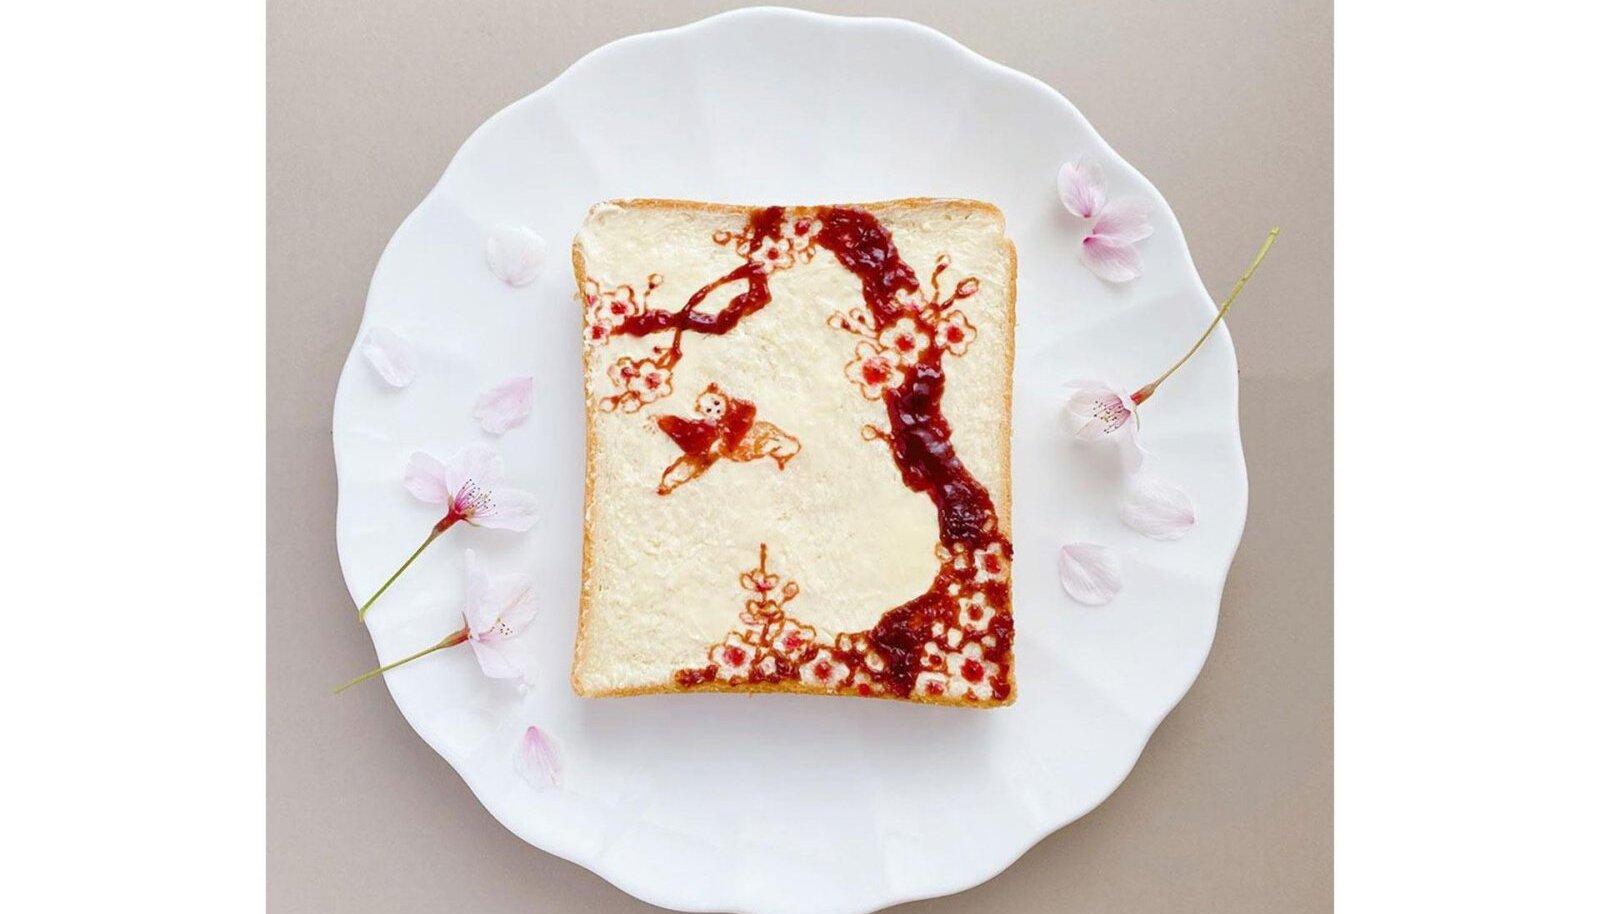 Jaapani kunstniku ja disaineri Sasaki Manani jaoks on röstsai palju enamat kui söök.